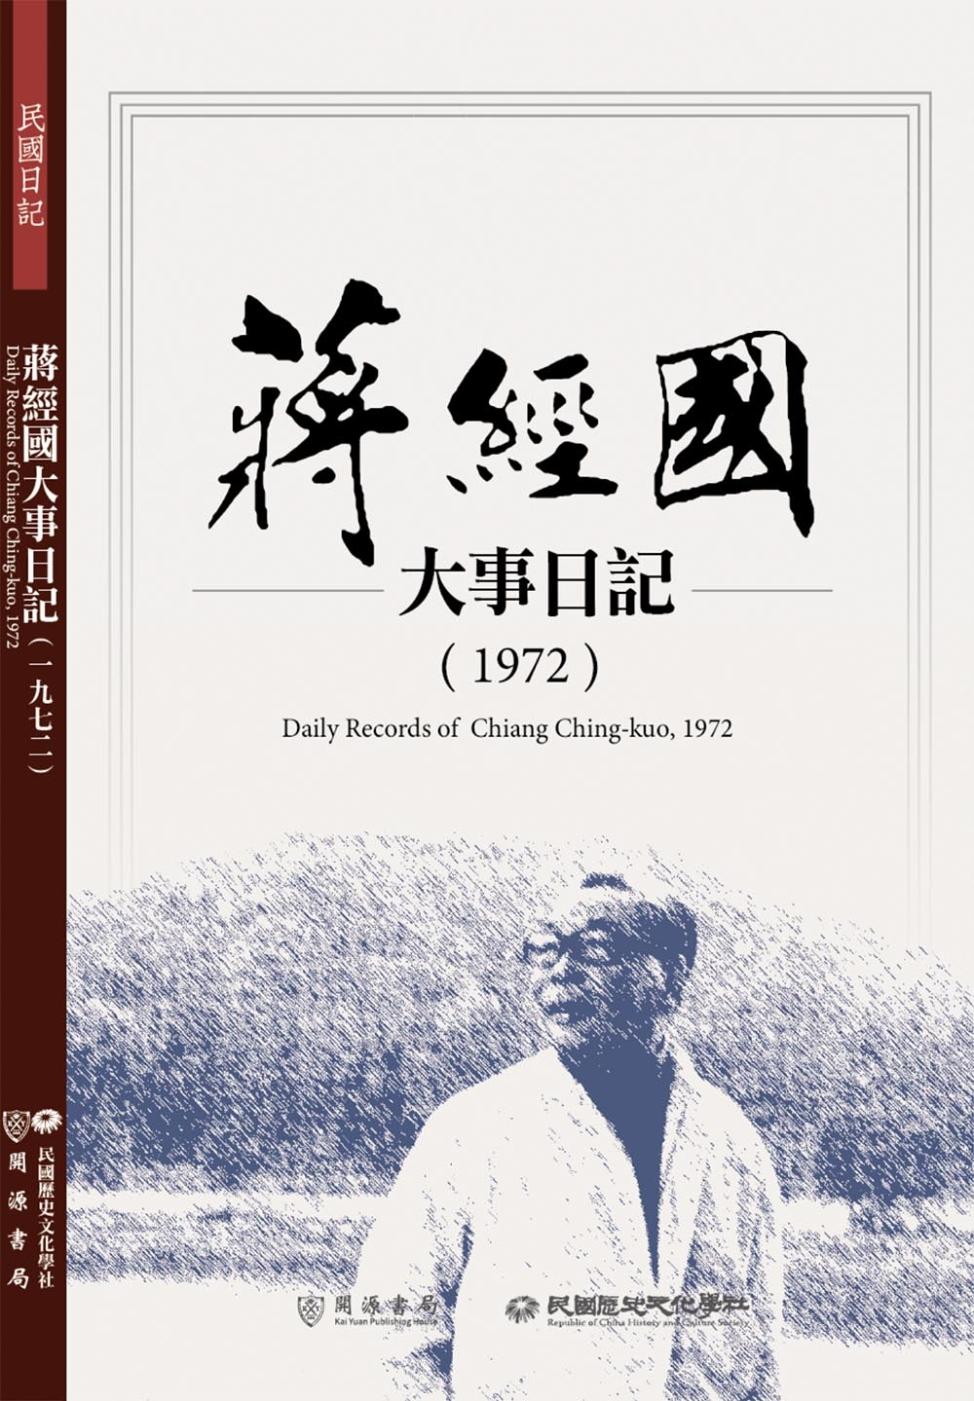 蔣經國大事日記(1972)